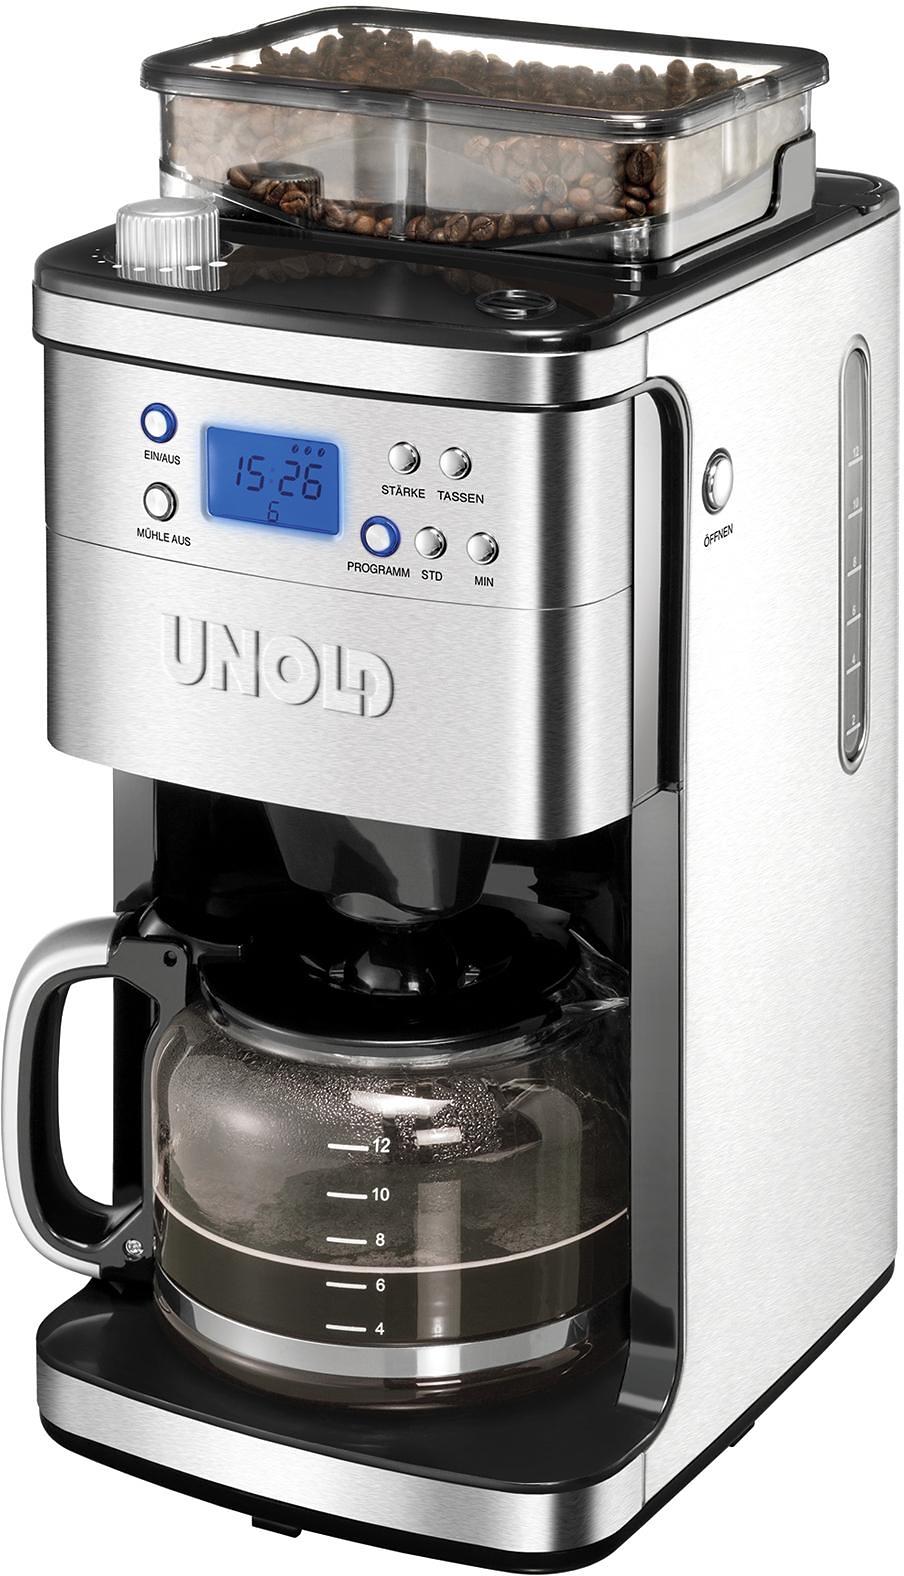 Op zoek naar een Unold koffiezetapparaat met maalwerk 28736 molen, 1,5 l-kan, permanente filter 1x4? Koop online bij OTTO